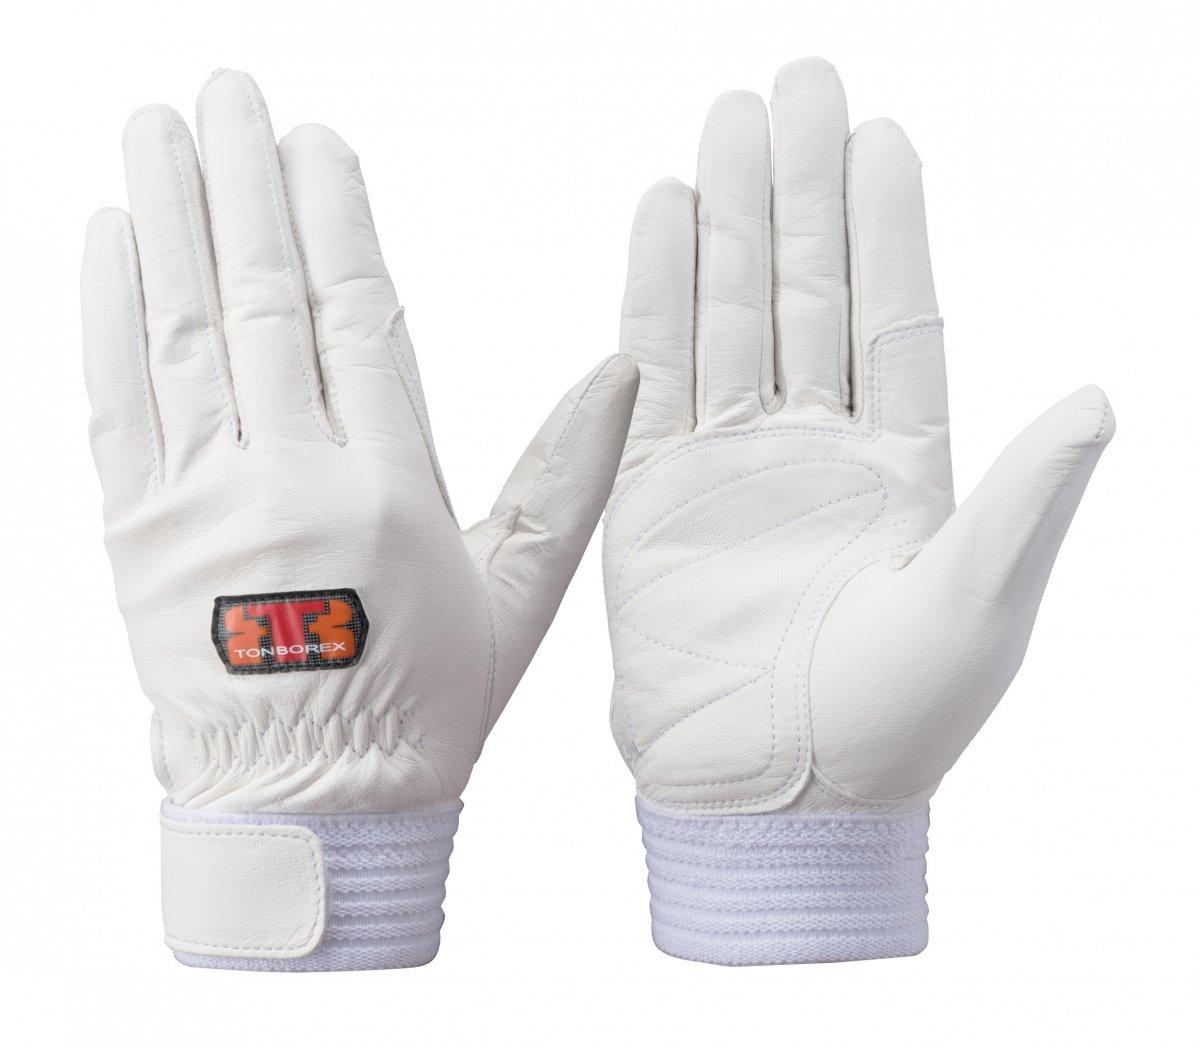 トンボレックス G-REX31W 山羊革製手袋